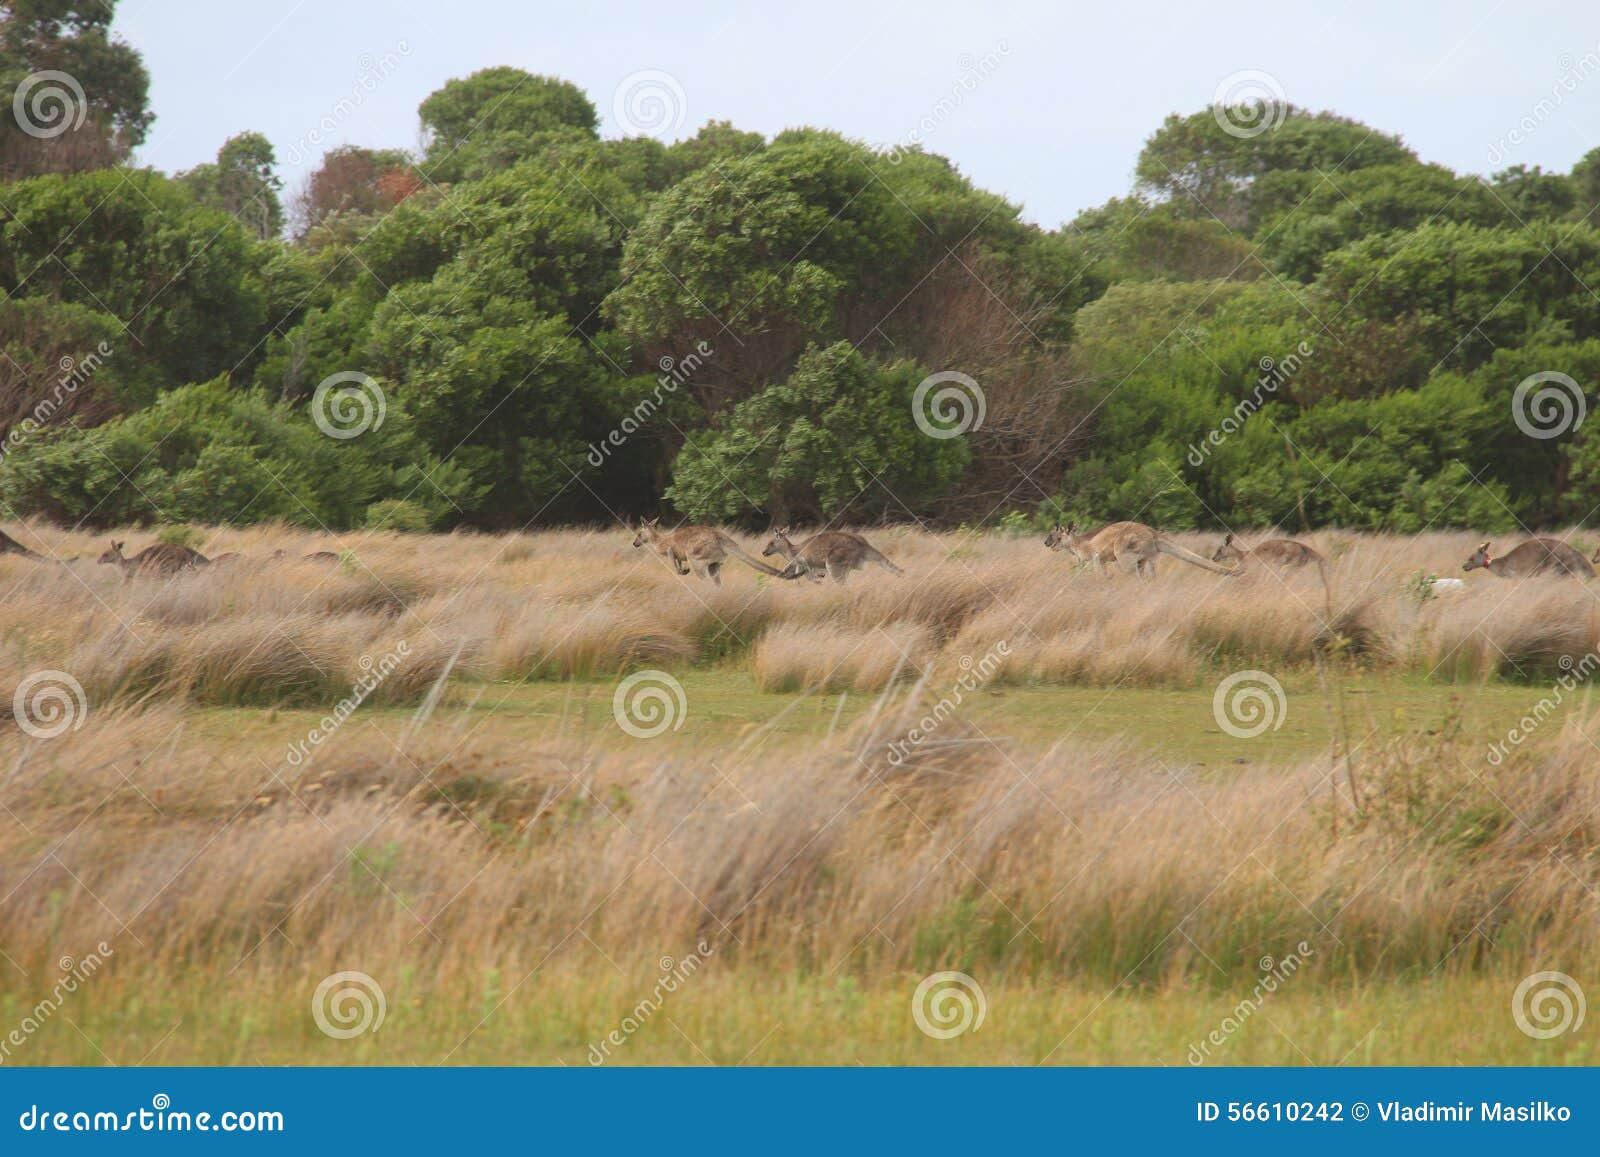 Kangoeroes in Weiden